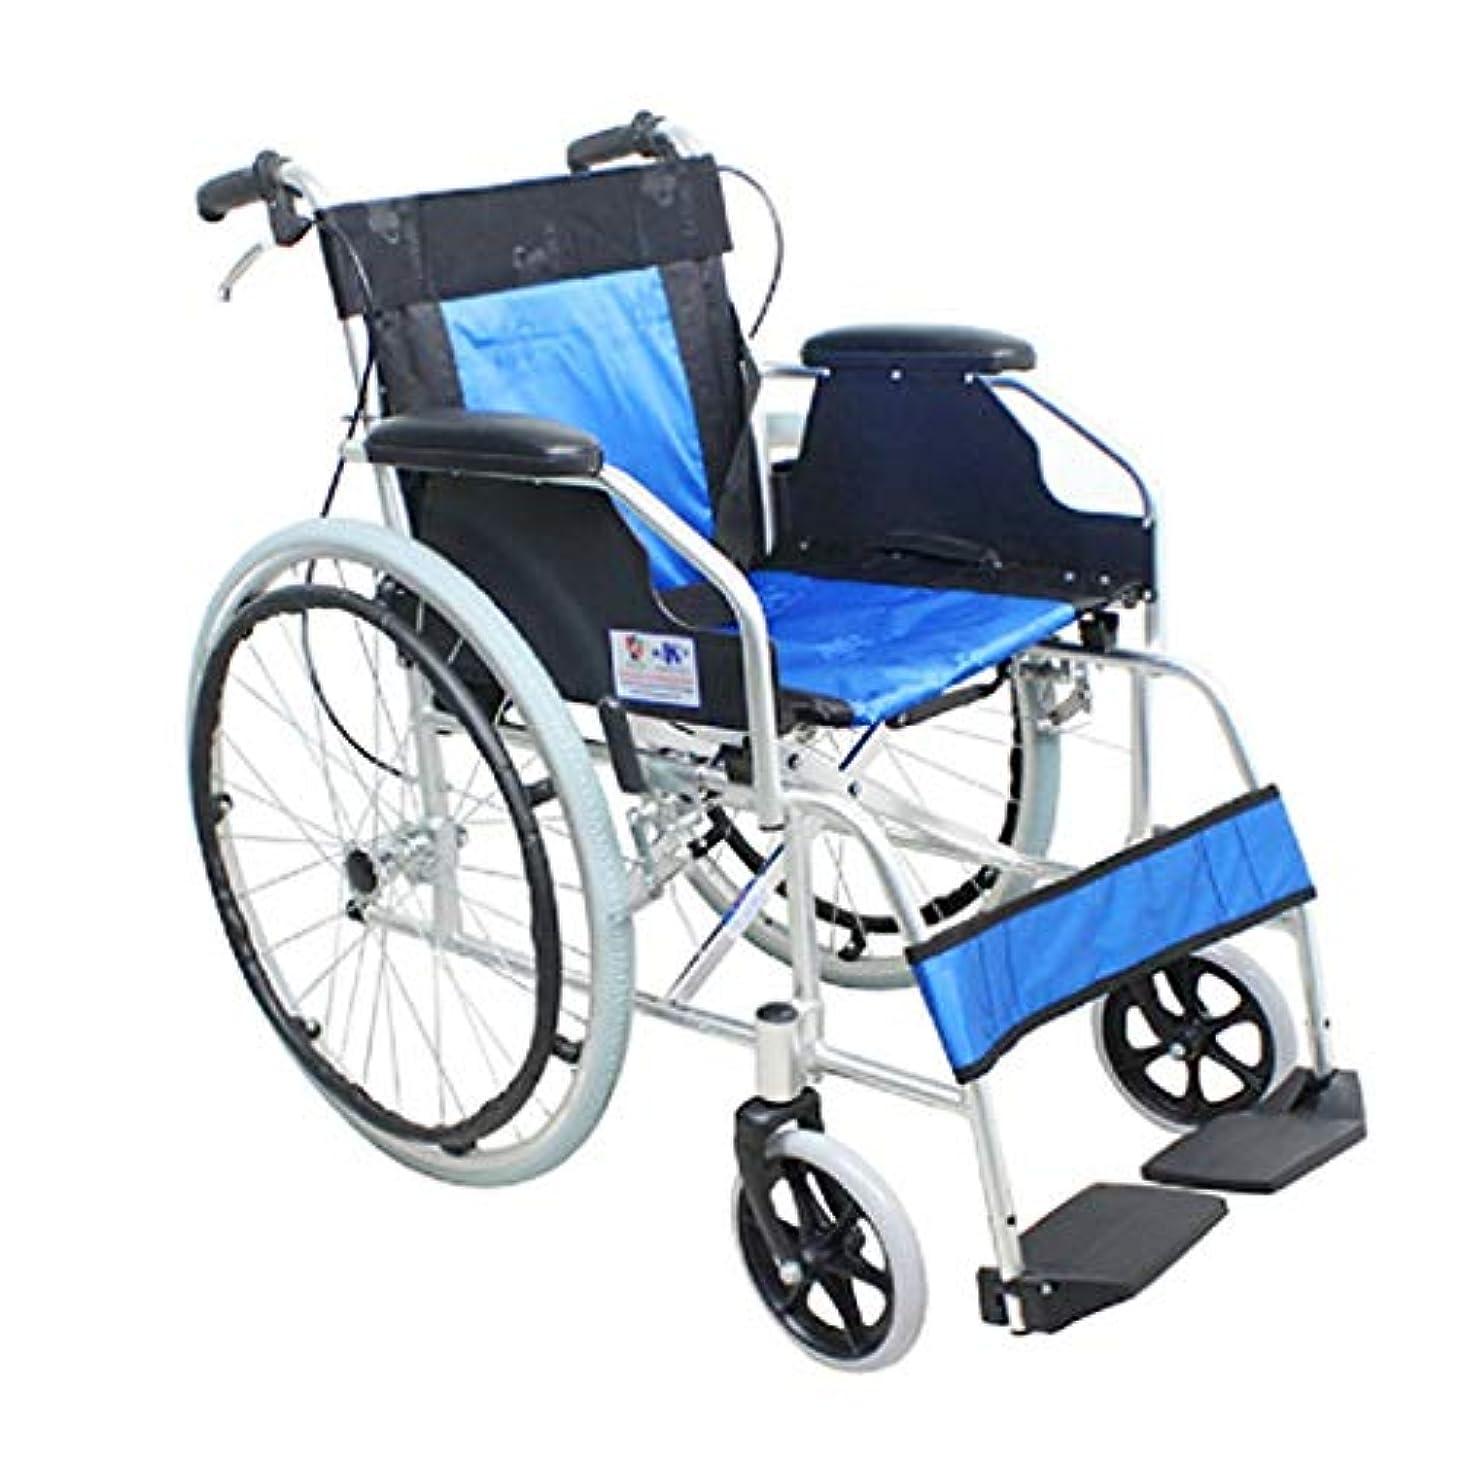 財産子羊不快なアルミ合金車椅子折りたたみポータブル障害者高齢者車椅子4ブレーキデザインバックストレージバッグ